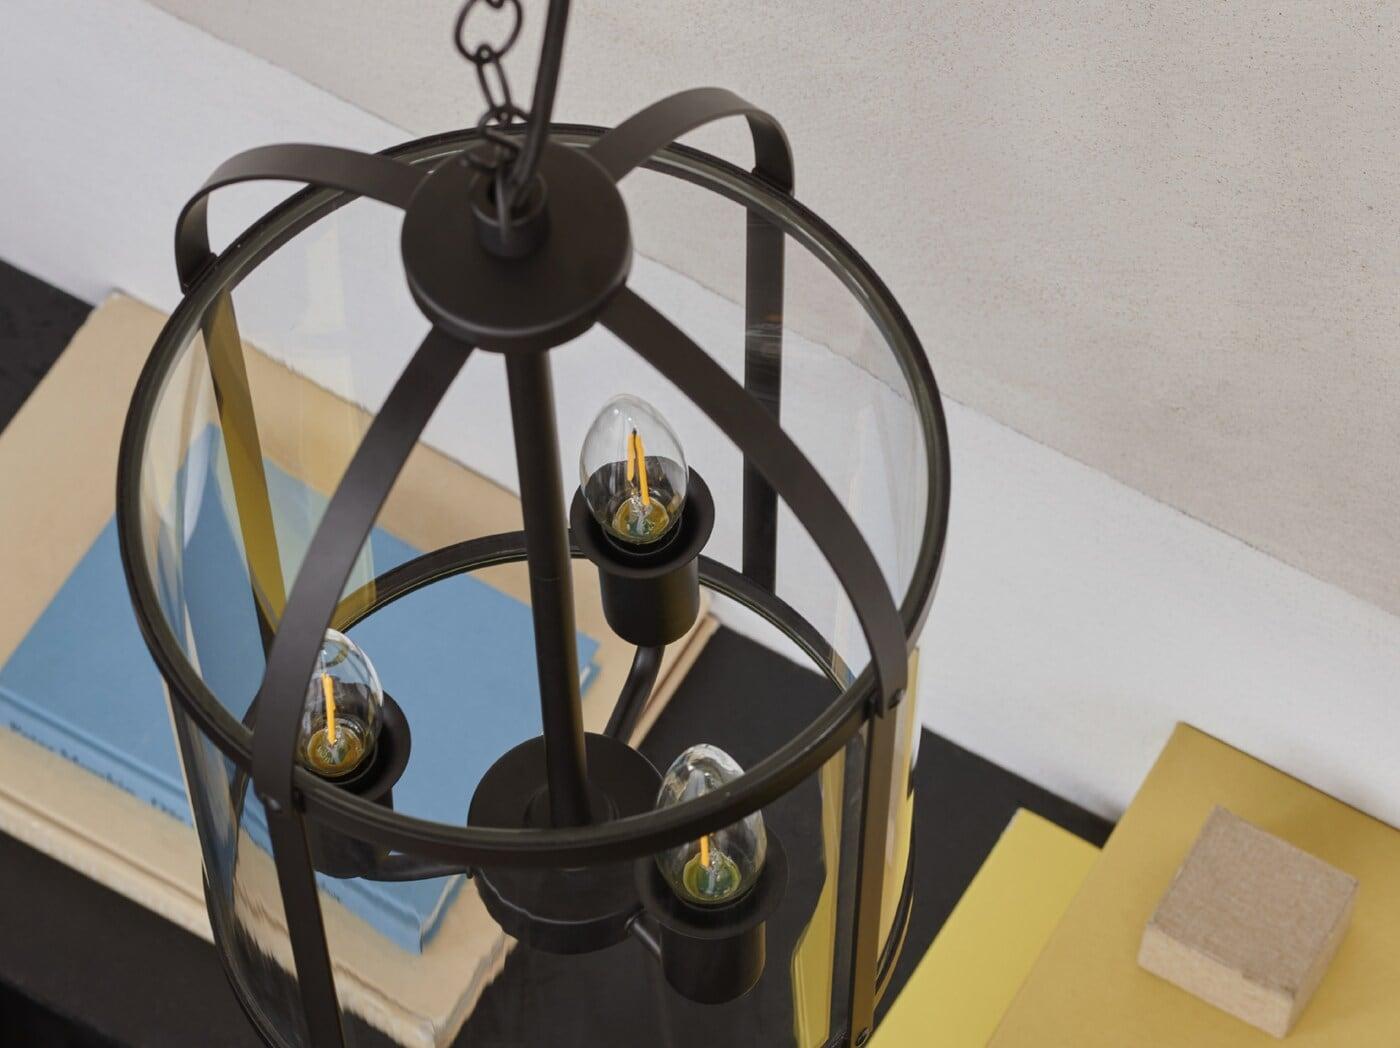 Detail závěsné lampy GALJON s třemi dekorativními žárovkami, v pozadí jsou barevné knihy